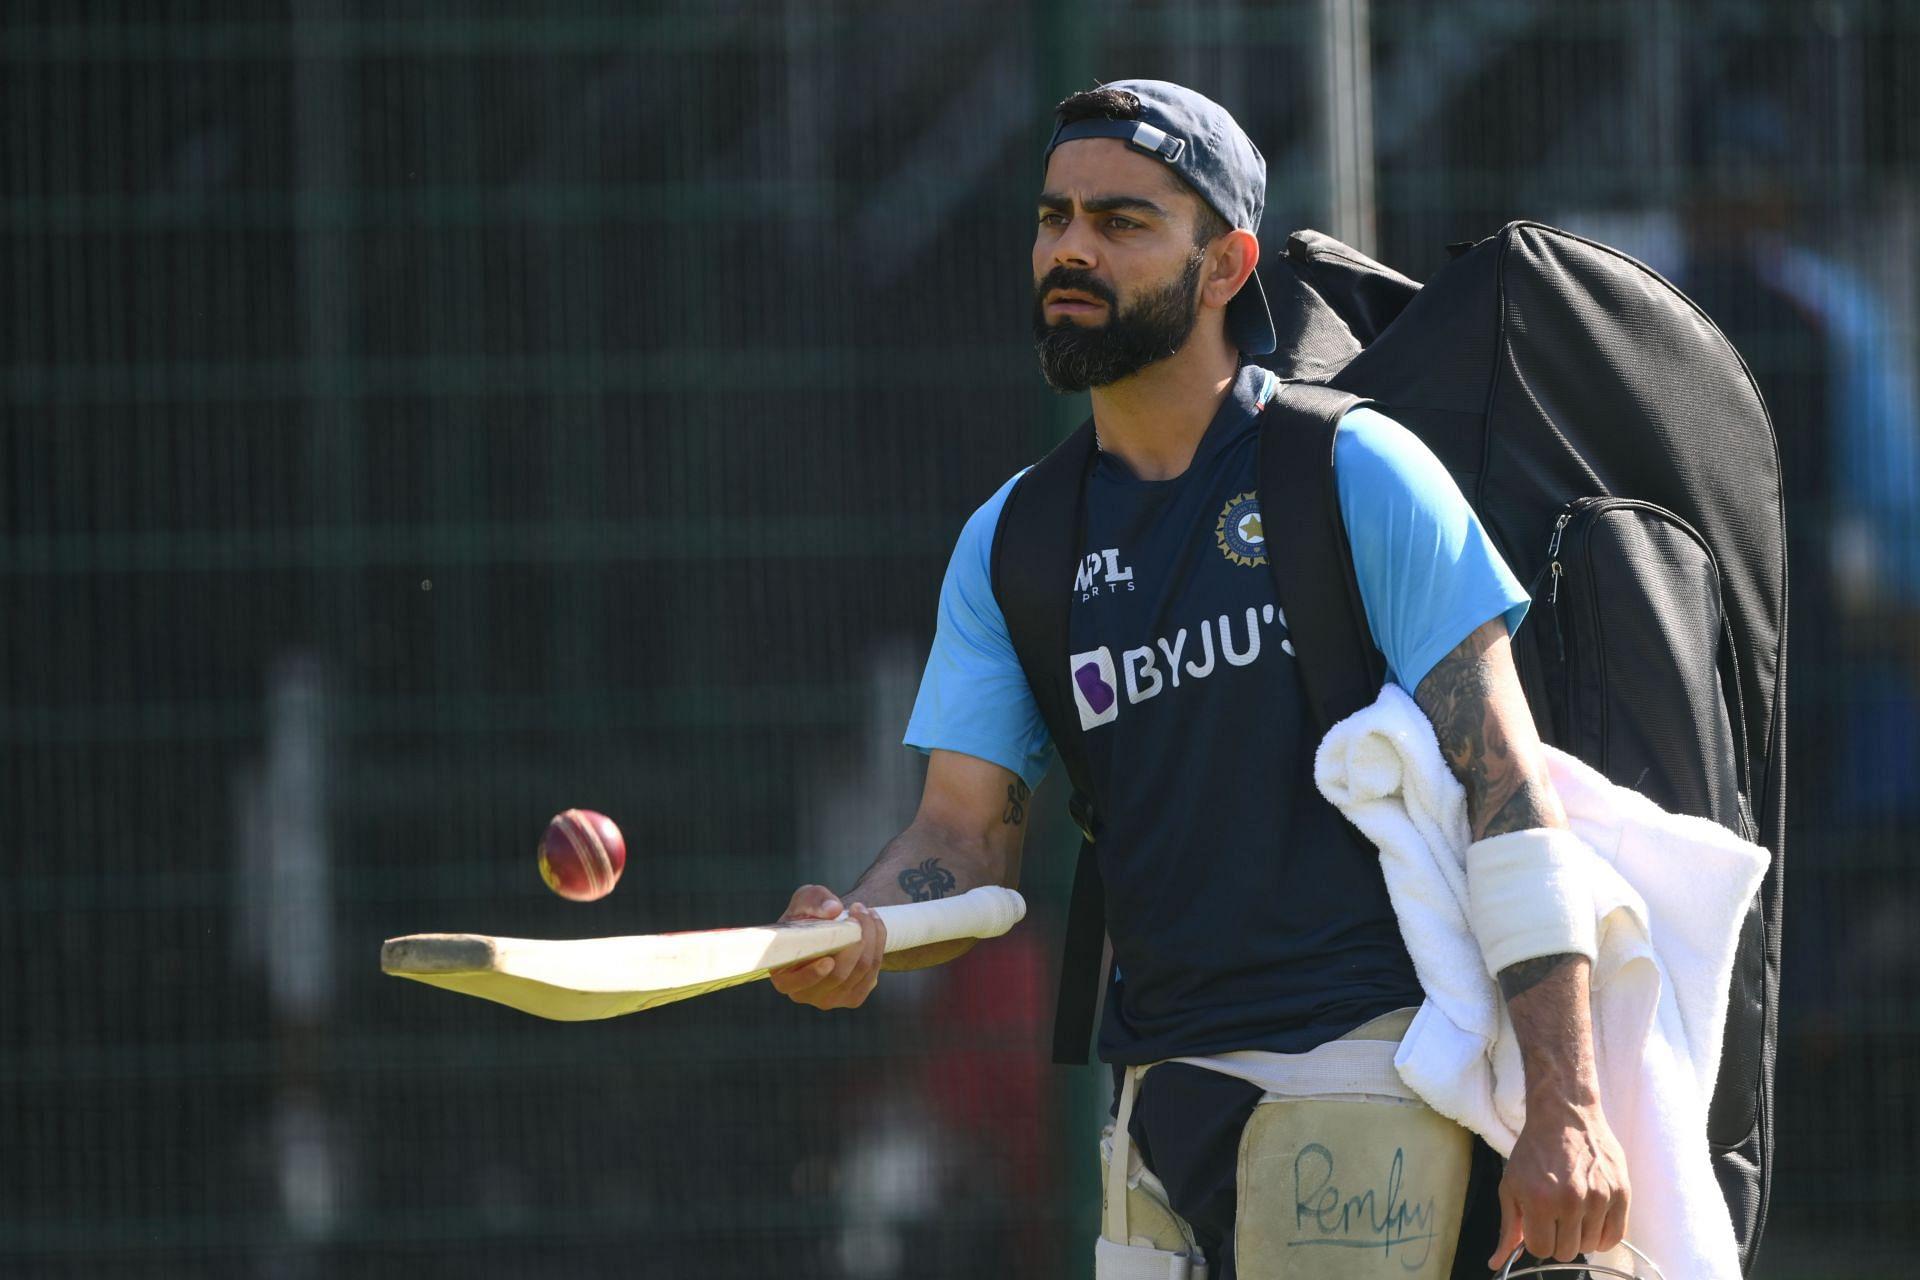 विराट कोहली पर दबाव कम करने की दिग्गज क्रिकेटर ने बताई तरकीब